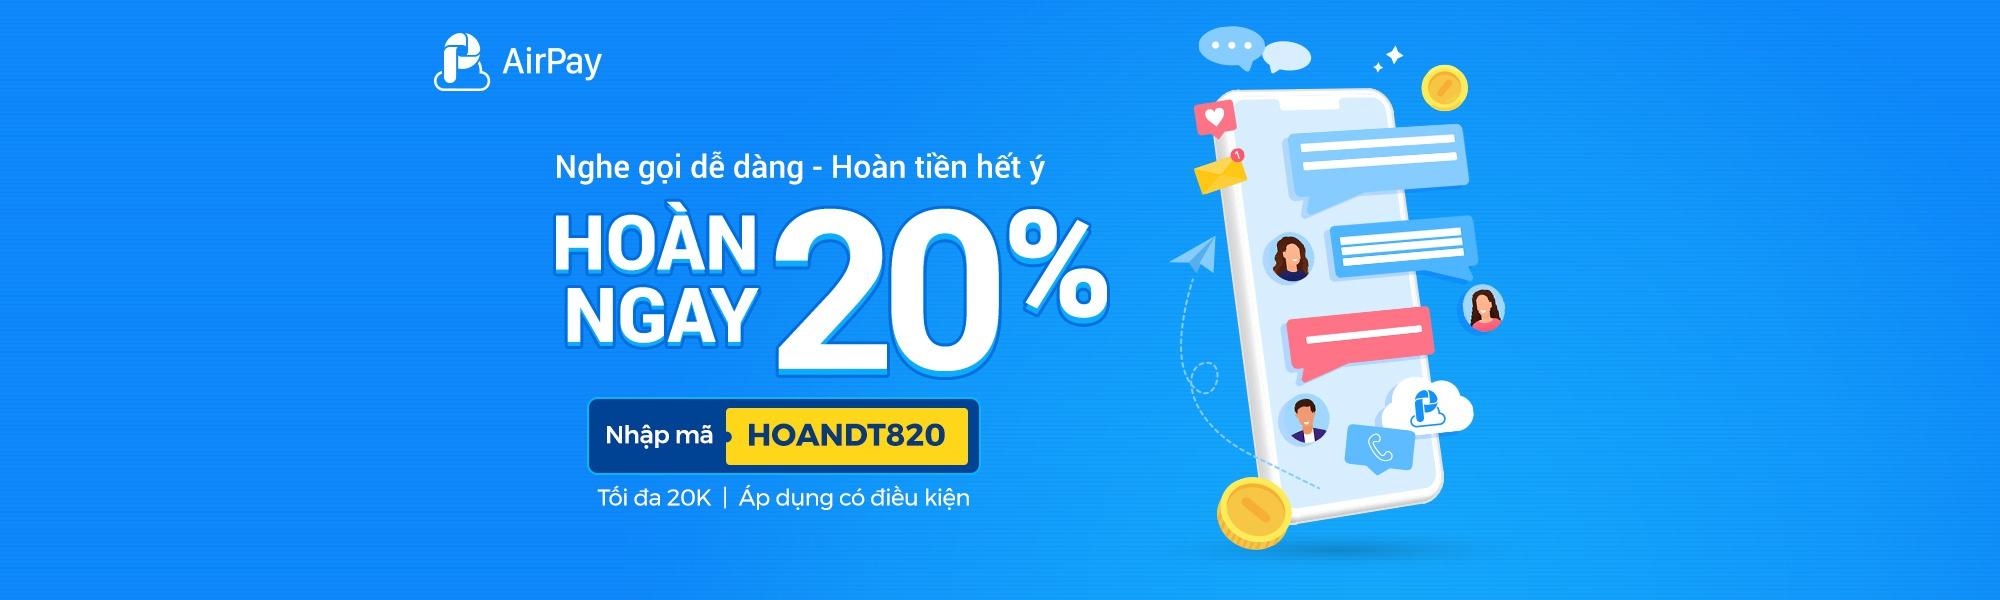 hoan-tien-nap-dien-thoai